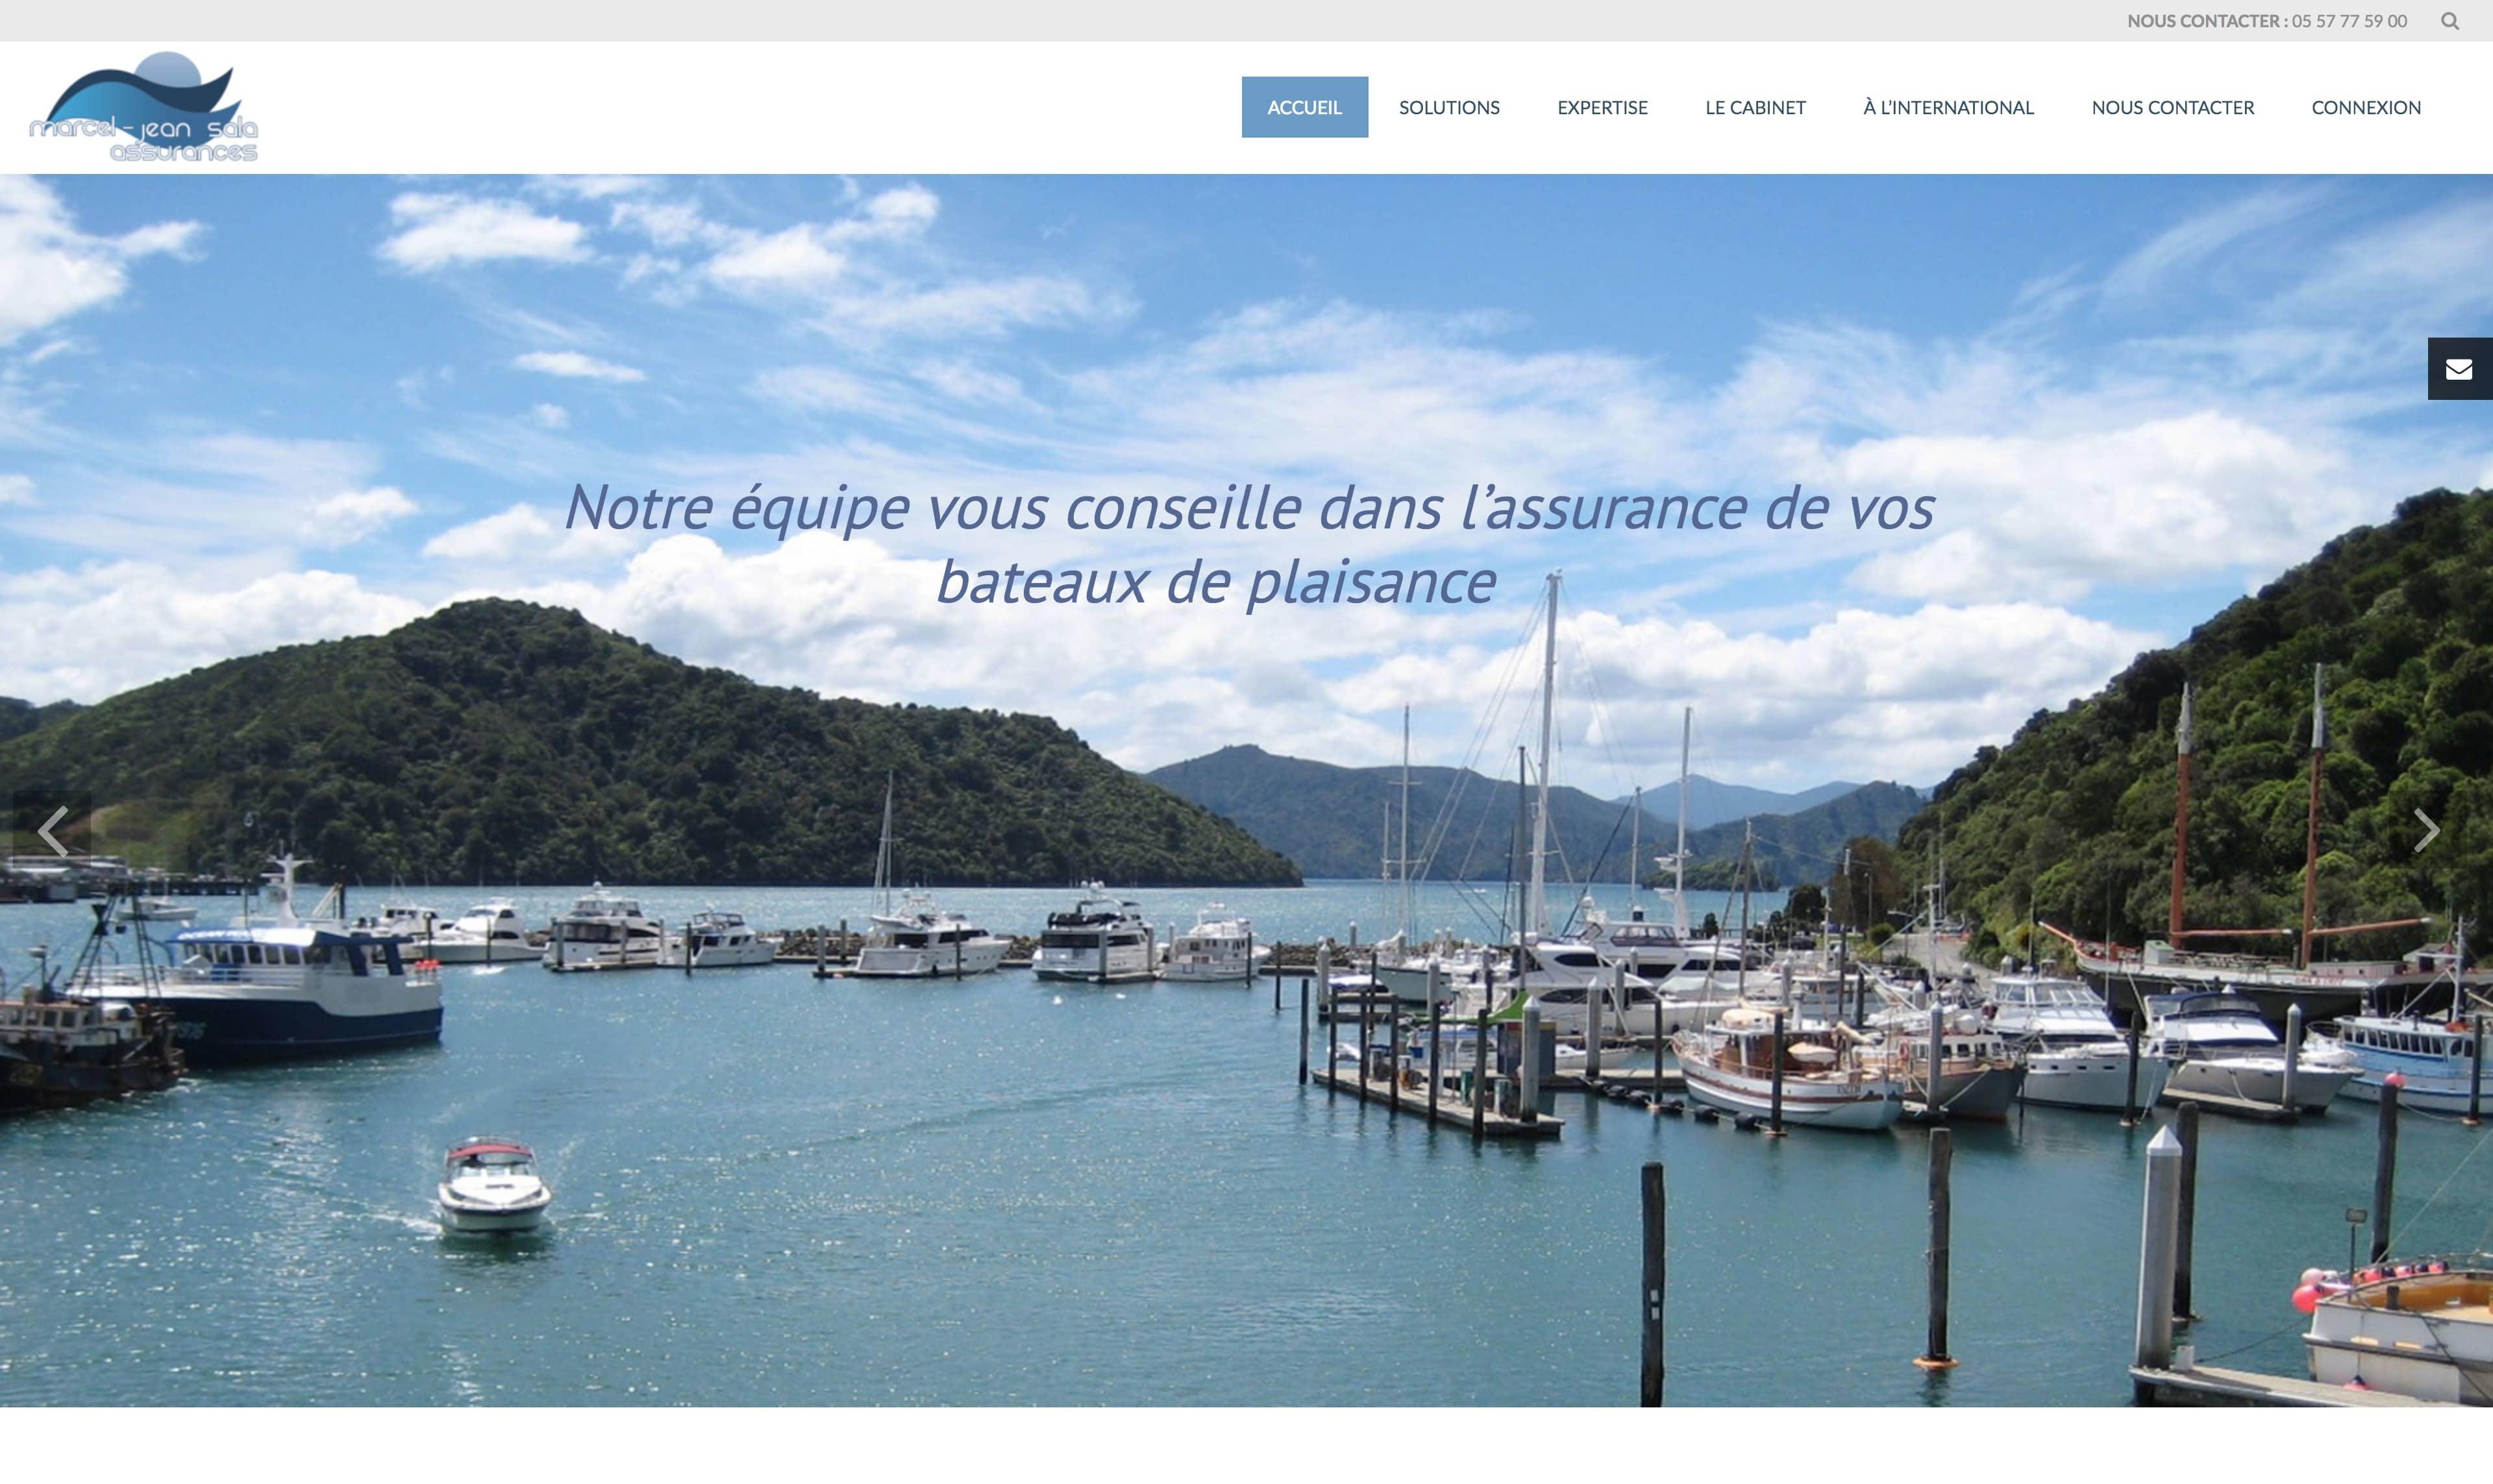 Vue sur la page d'accueil du site sala assurances avec vu sur le diaporama